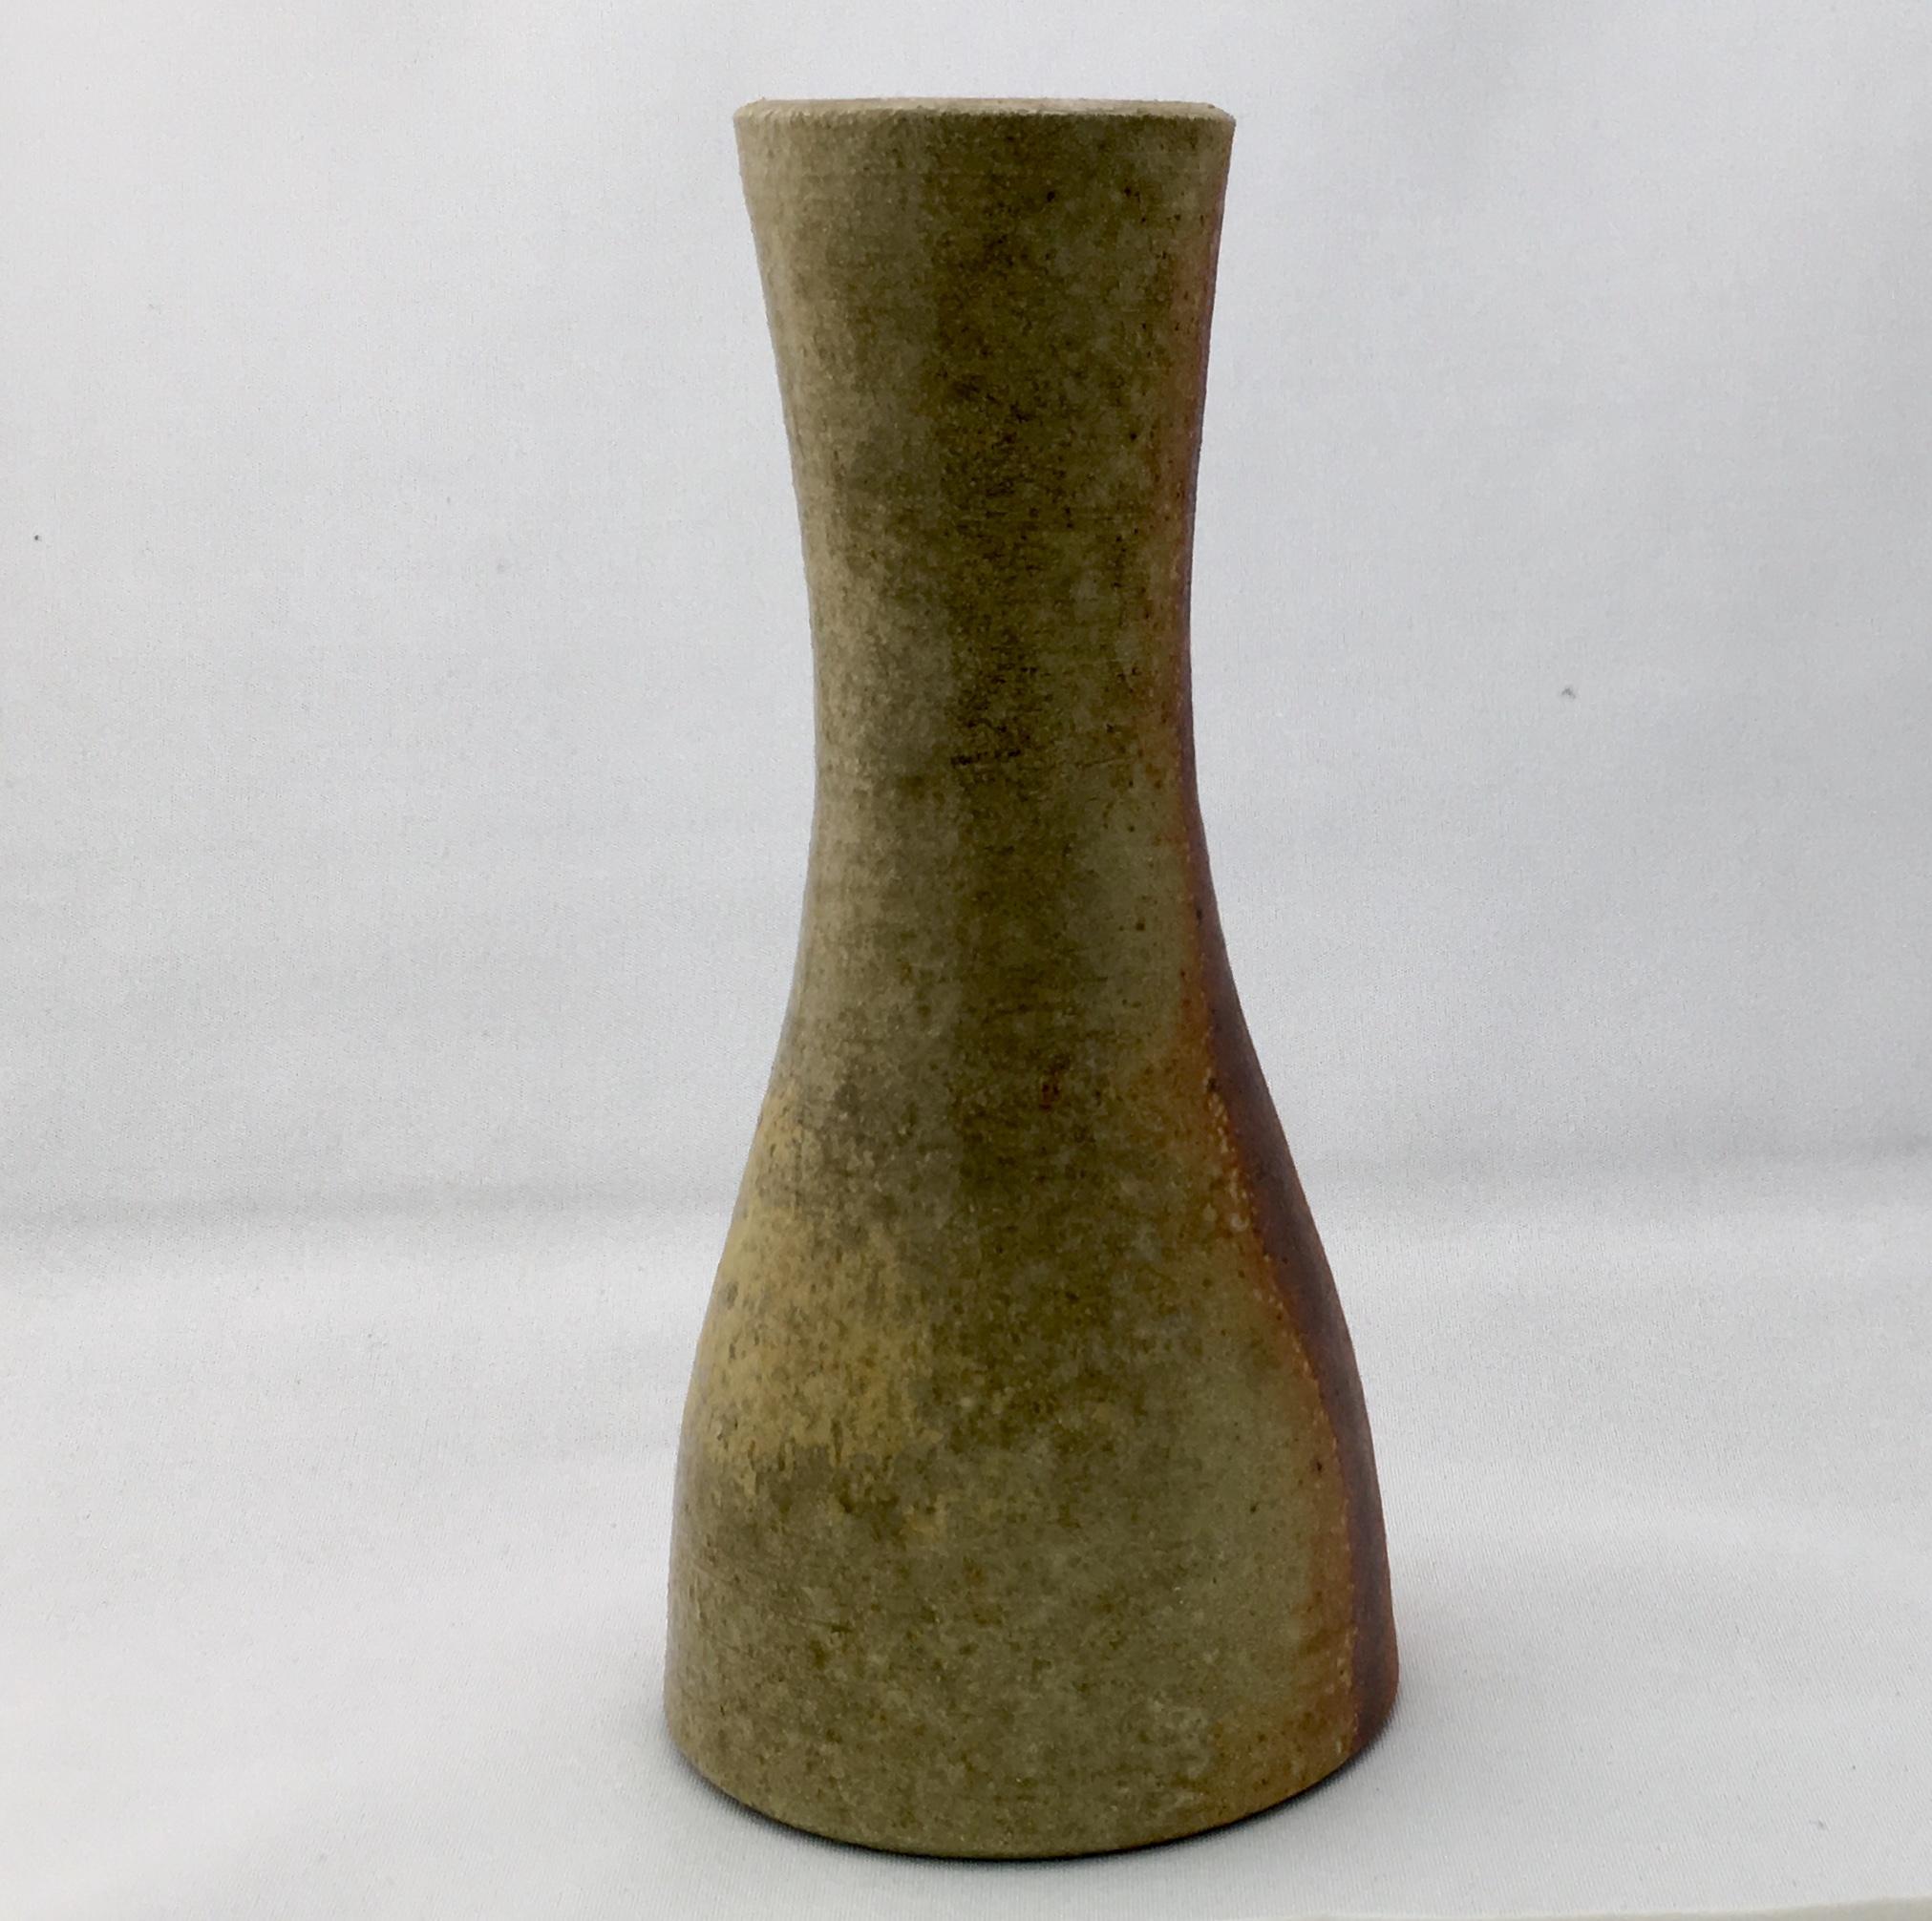 Vase IMG_5134.jpg